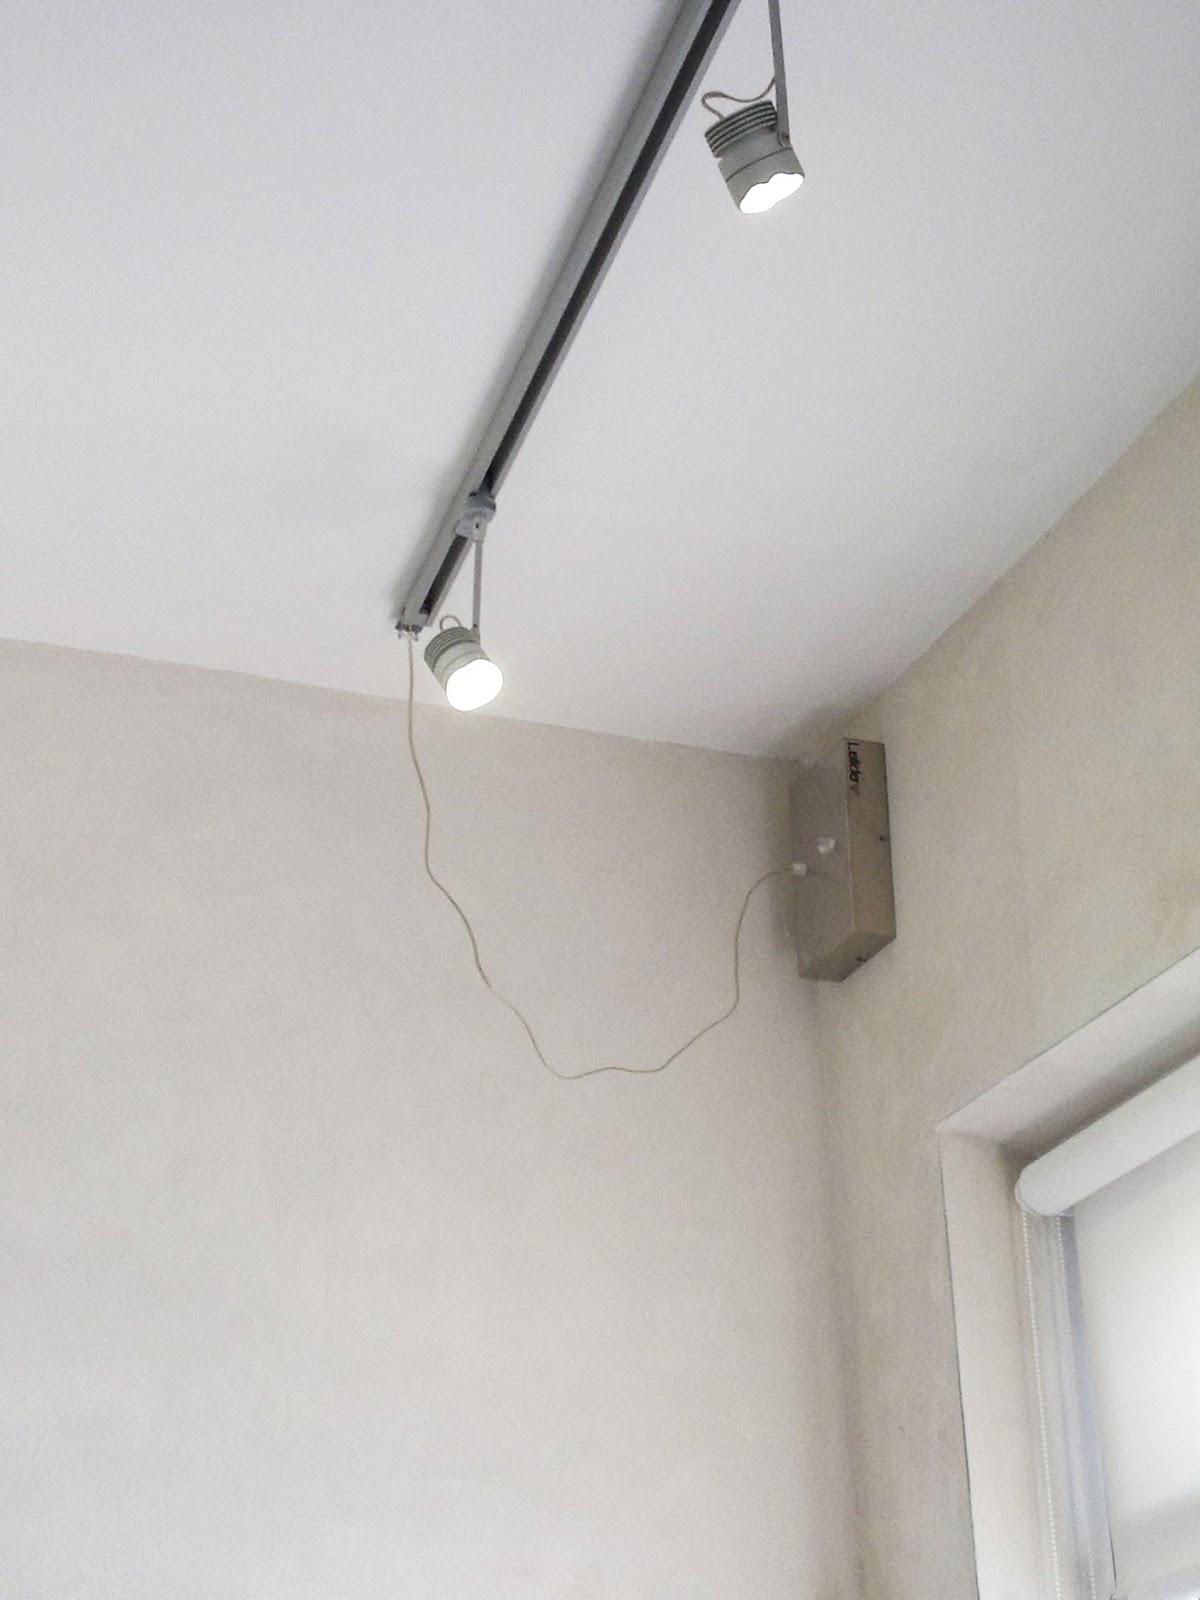 Illuminazione led casa binario elettrificato e faretti led for Illuminazione led